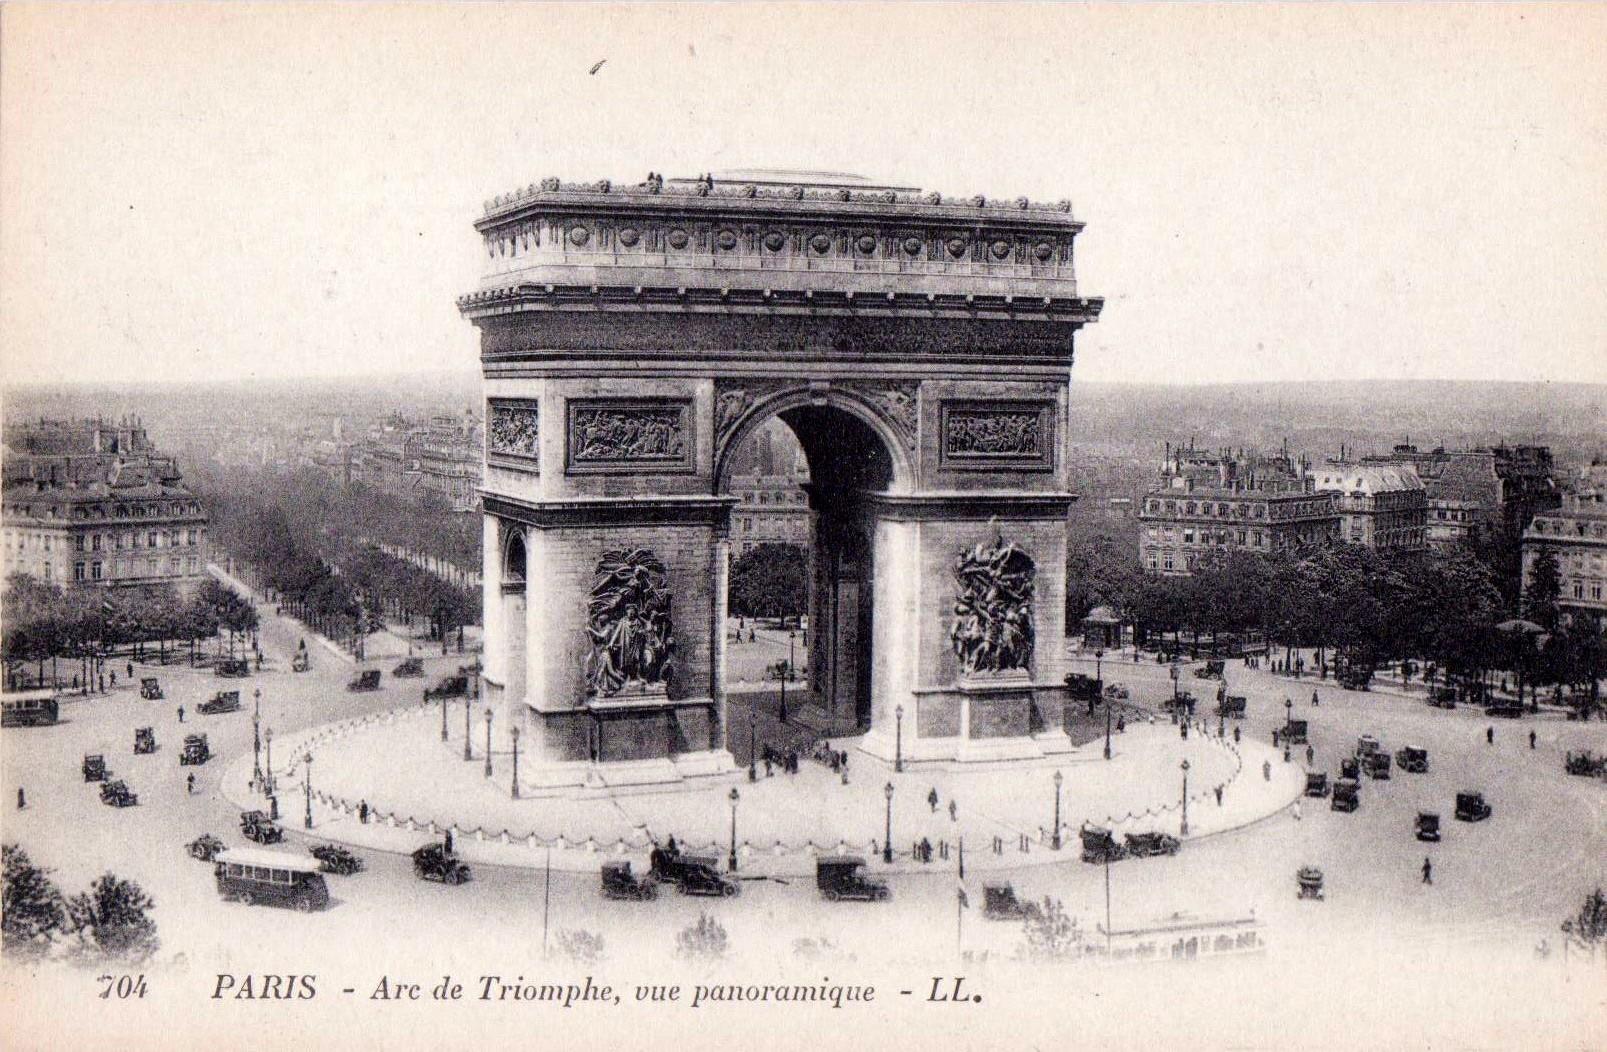 Paris. Arc de Triomphe. Postcard, c.1920. Publisher: Lévy et Neurdein réunis. Paris.